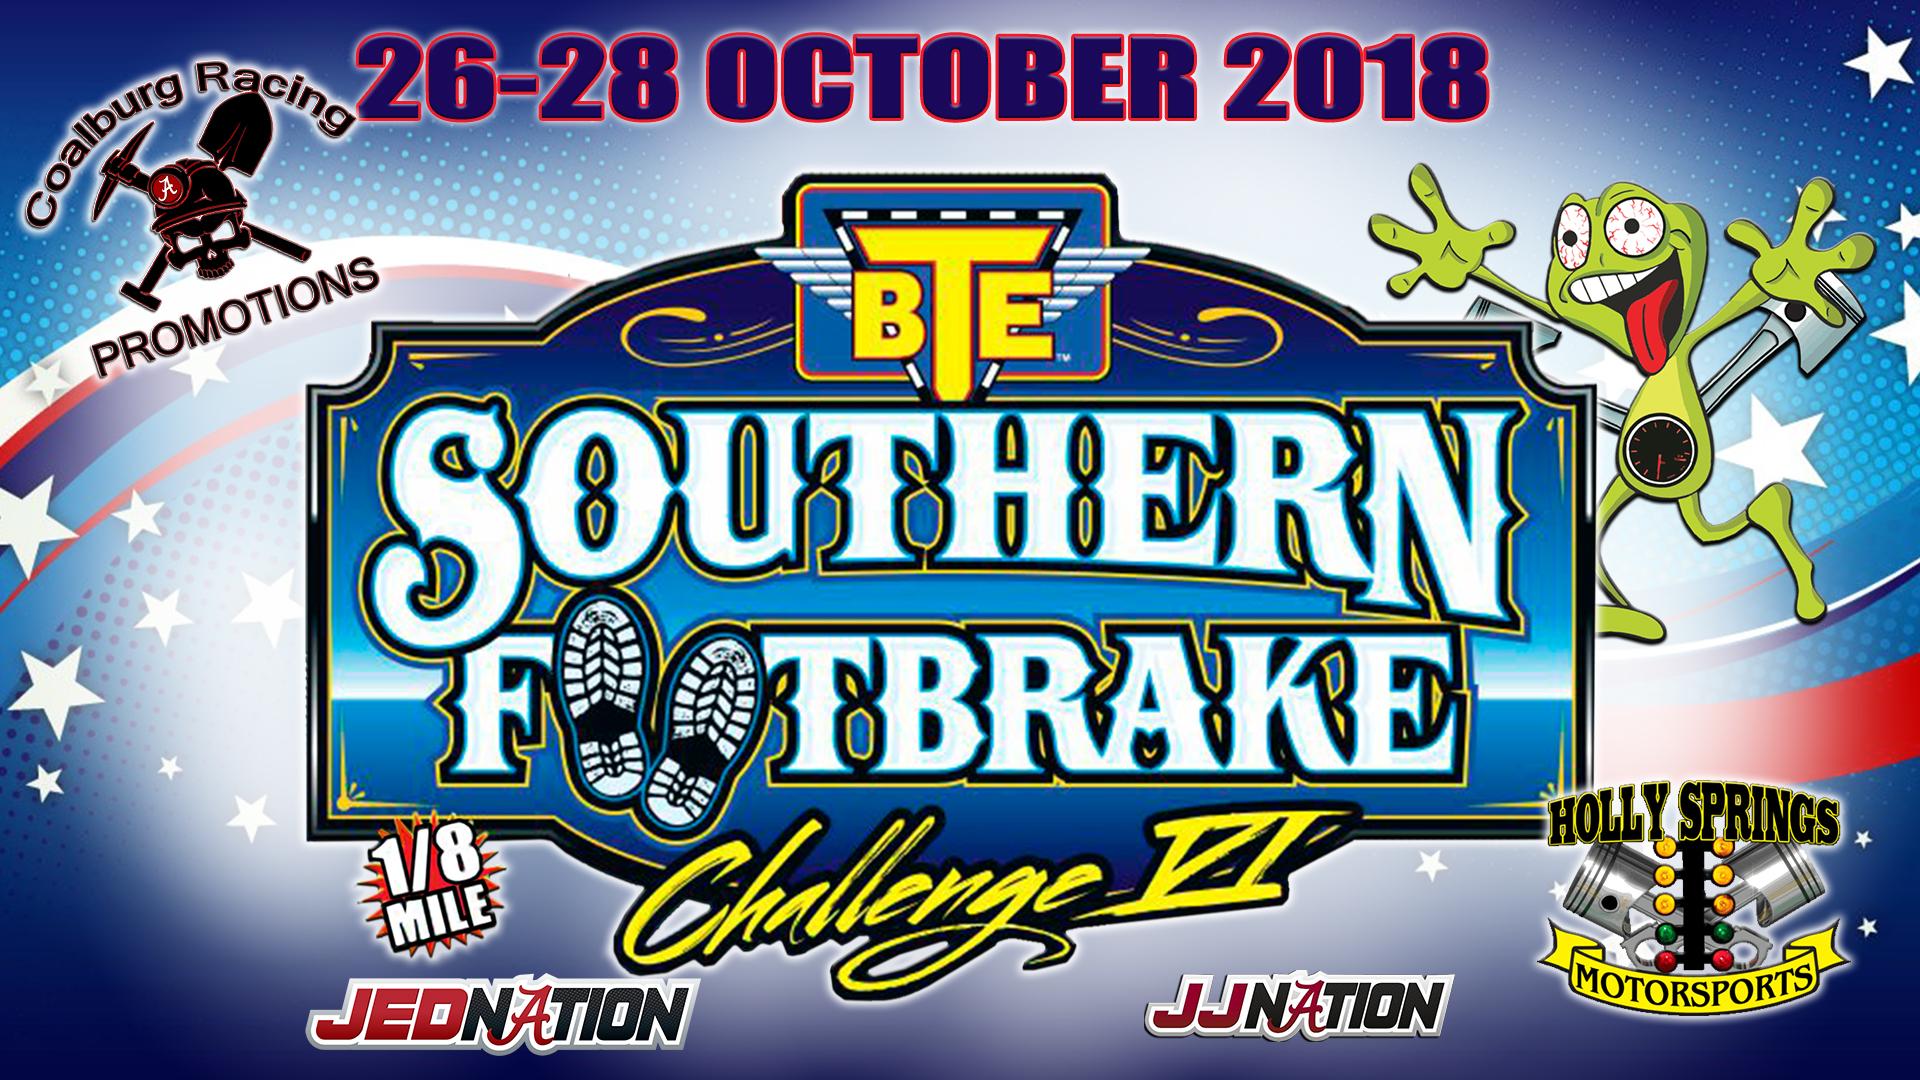 Oct26-28_SFC2018_Wps3